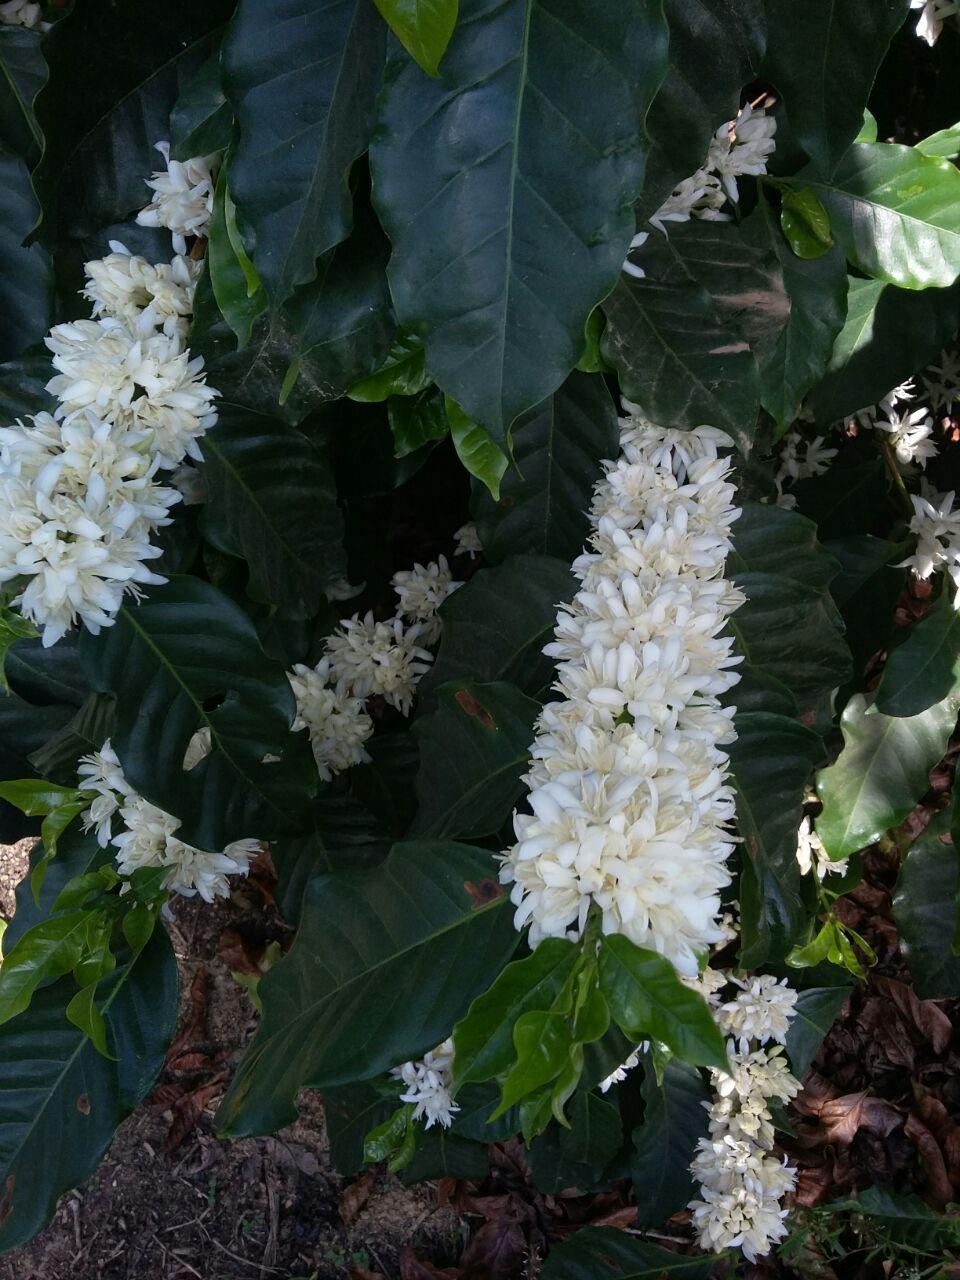 Florada do café em Carmo do Rio Claro (MG) - Foto: Cássio Balbino